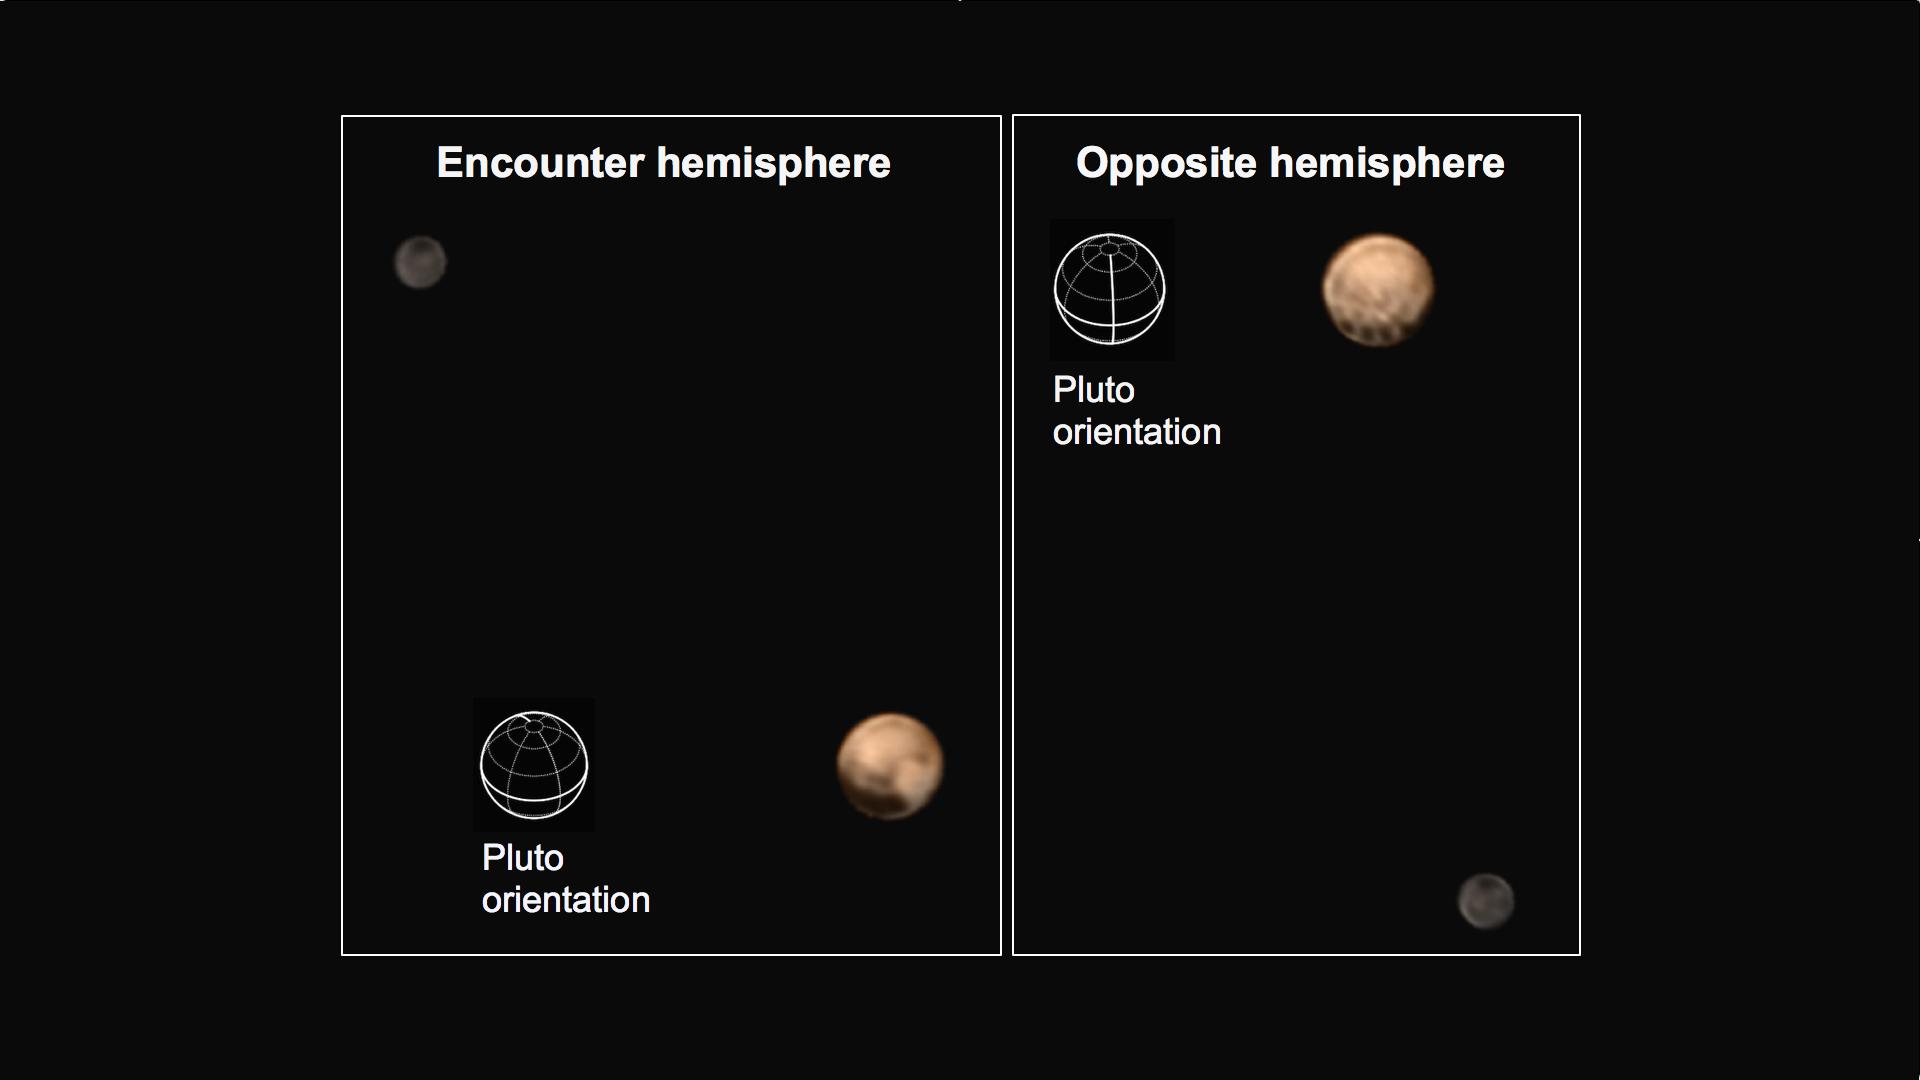 Notícias de Plutão. - Página 2 Nh-7-1-15_pluto_charon_color_hemispheres_annotated_jhuapl_nasa_swri